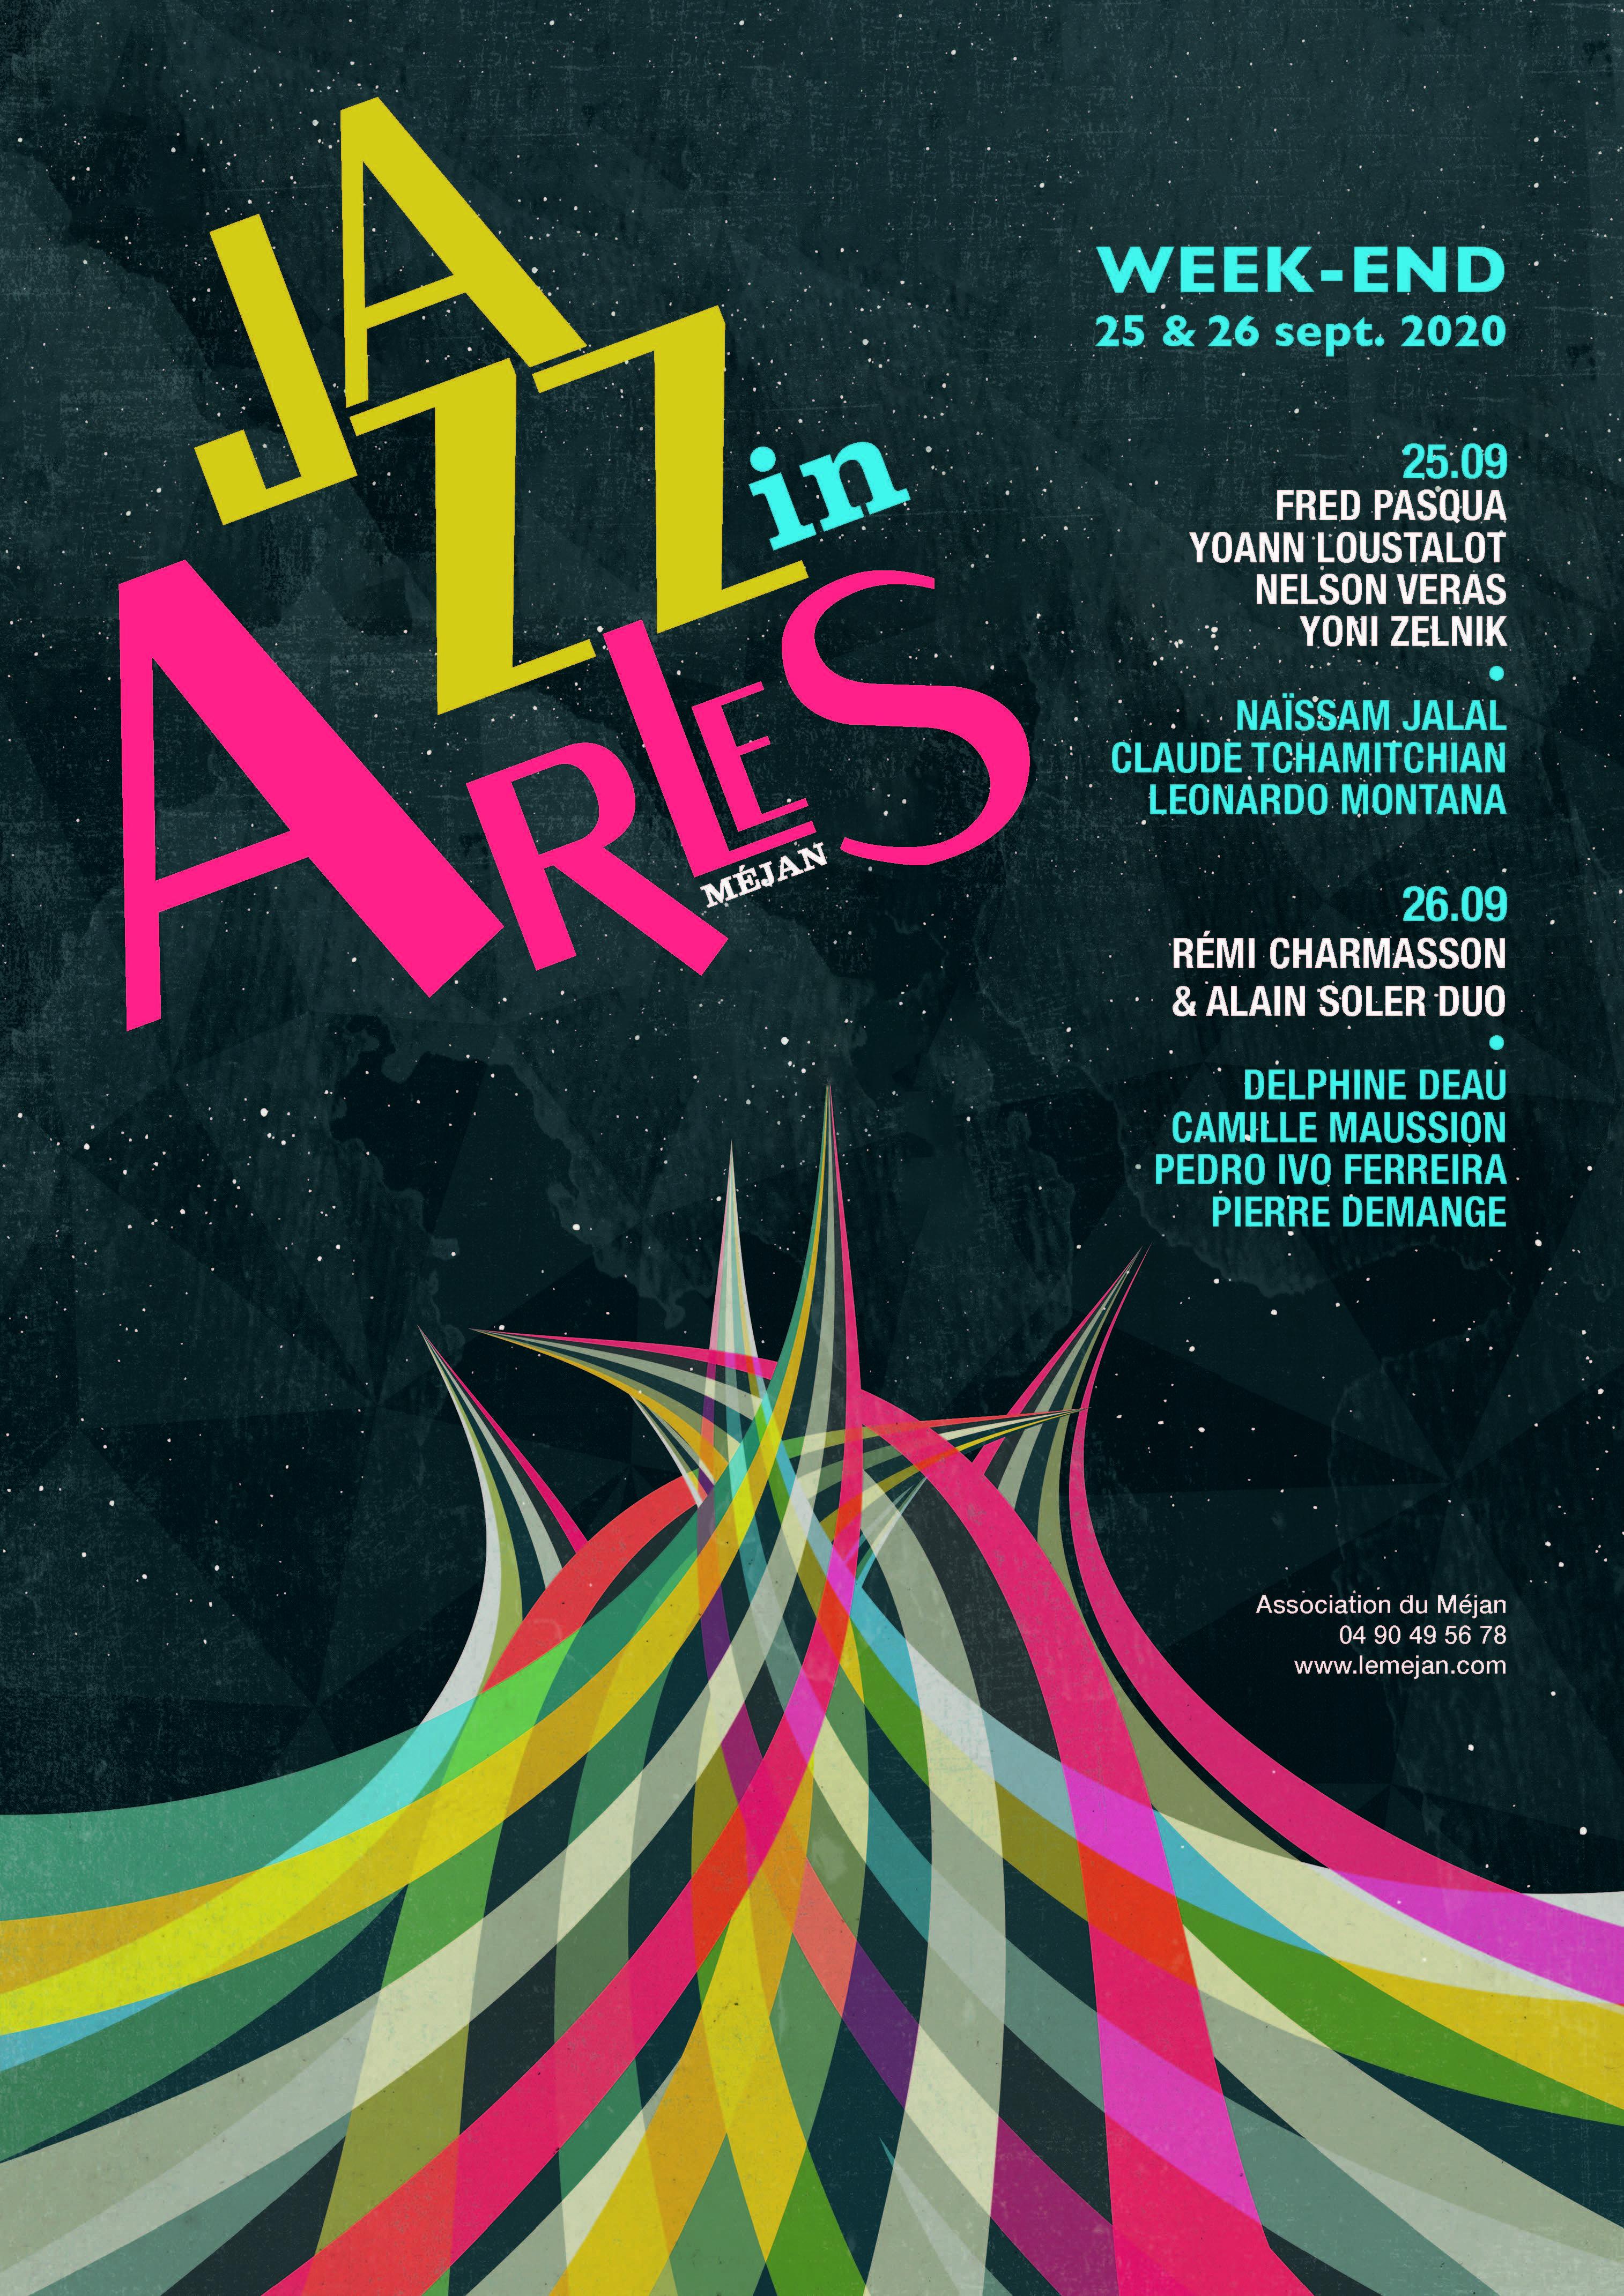 """Le festival """"Jazz in Arles"""" revient pour 2020 sous le format d'un week-end."""